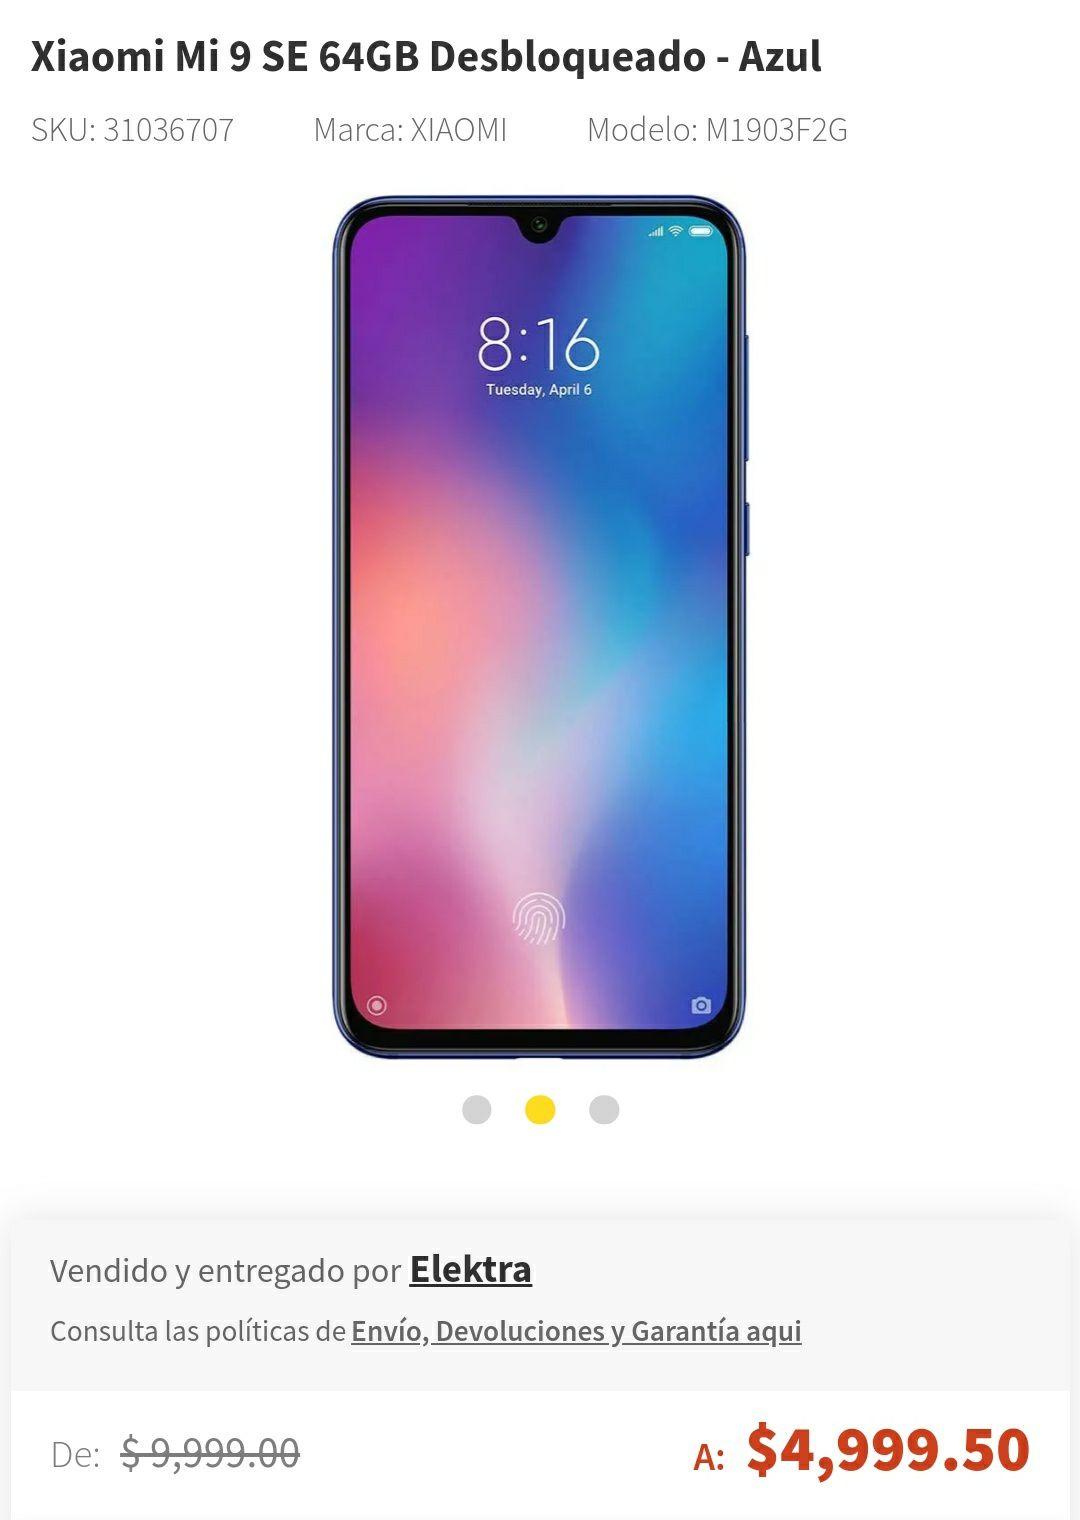 Elektra: Xiaomi MI 9 SE en 4599.50 pagando con PayPal